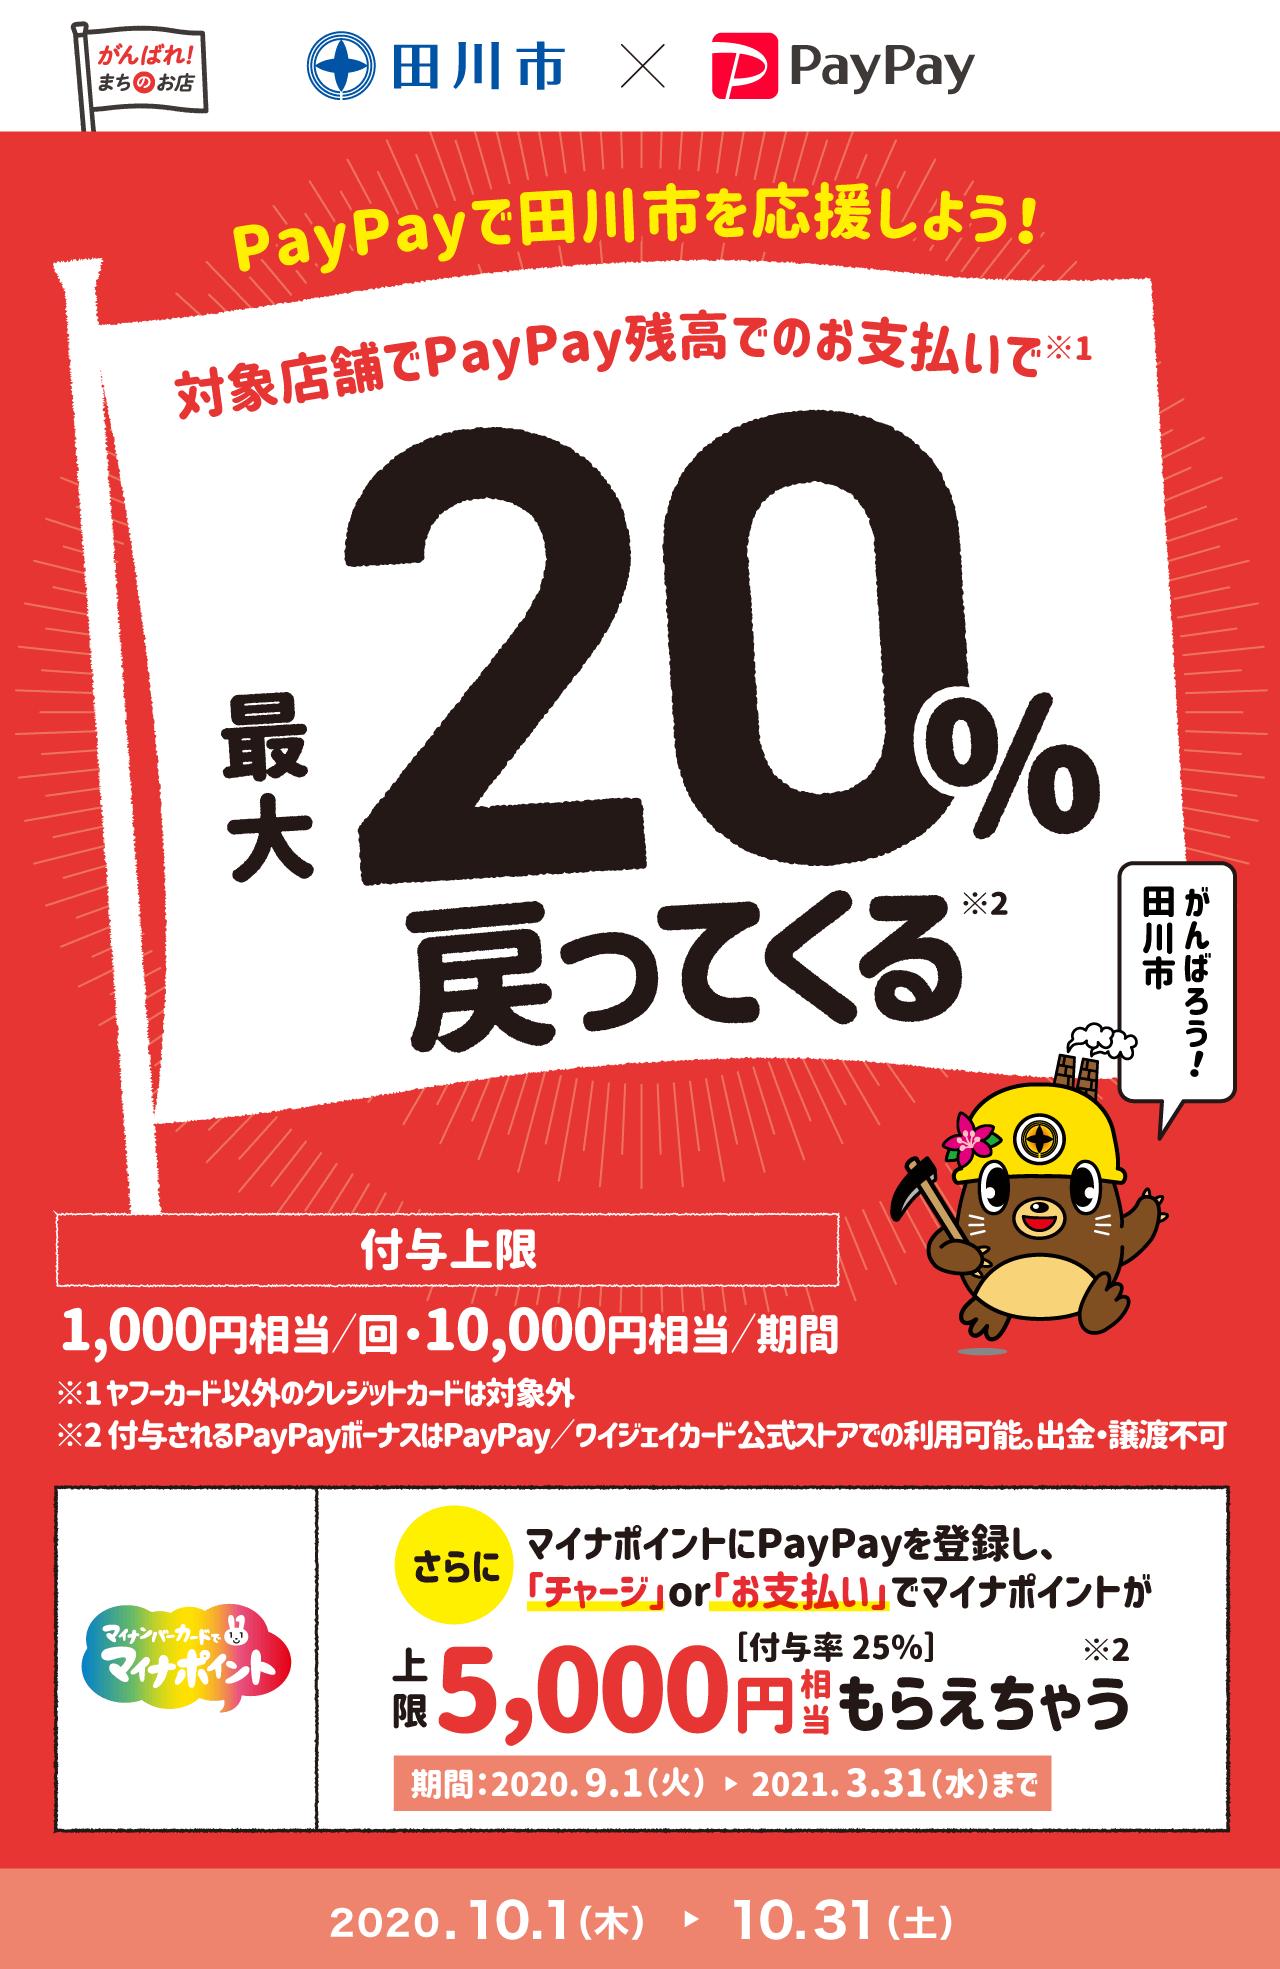 PayPayで田川市を応援しよう! 対象店舗でPayPay残高でのお支払いで最大20%戻ってくる